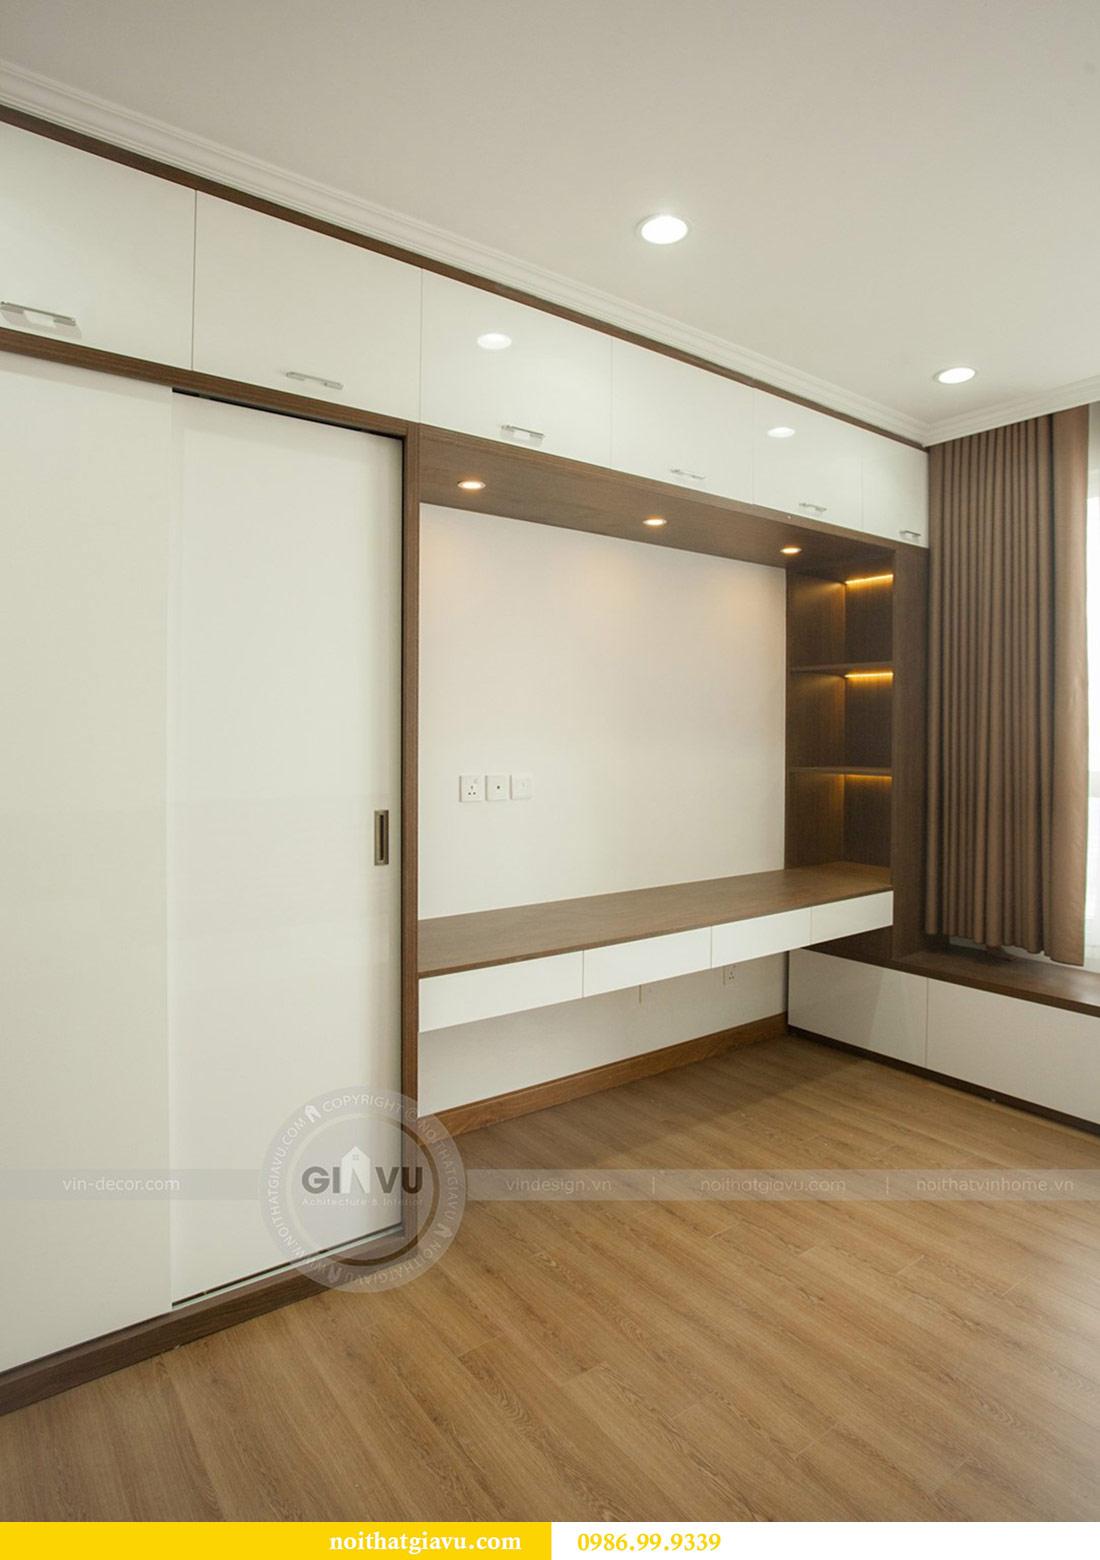 Hoàn thiện nội thất chung cư Seasons Avenue tòa S3 căn 01 - anh Bách 17